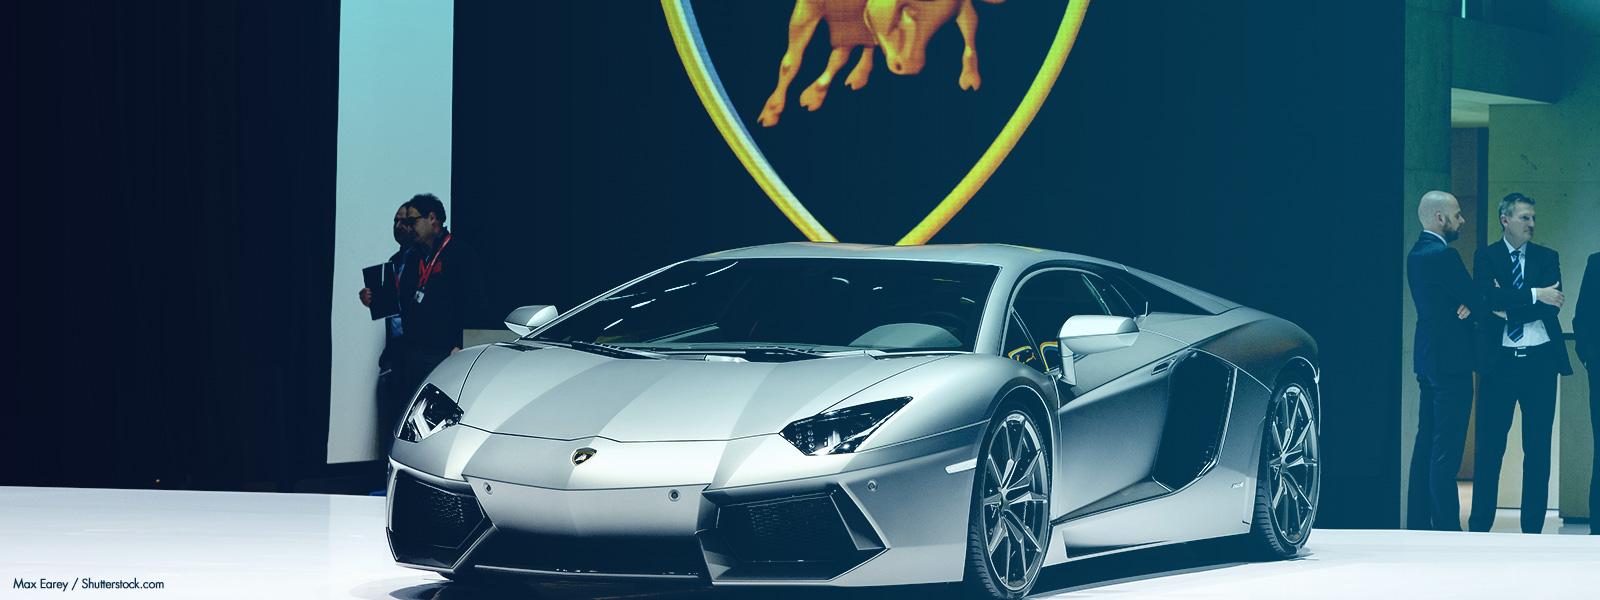 Lamborghini comemorativo esgota antes do lançamento